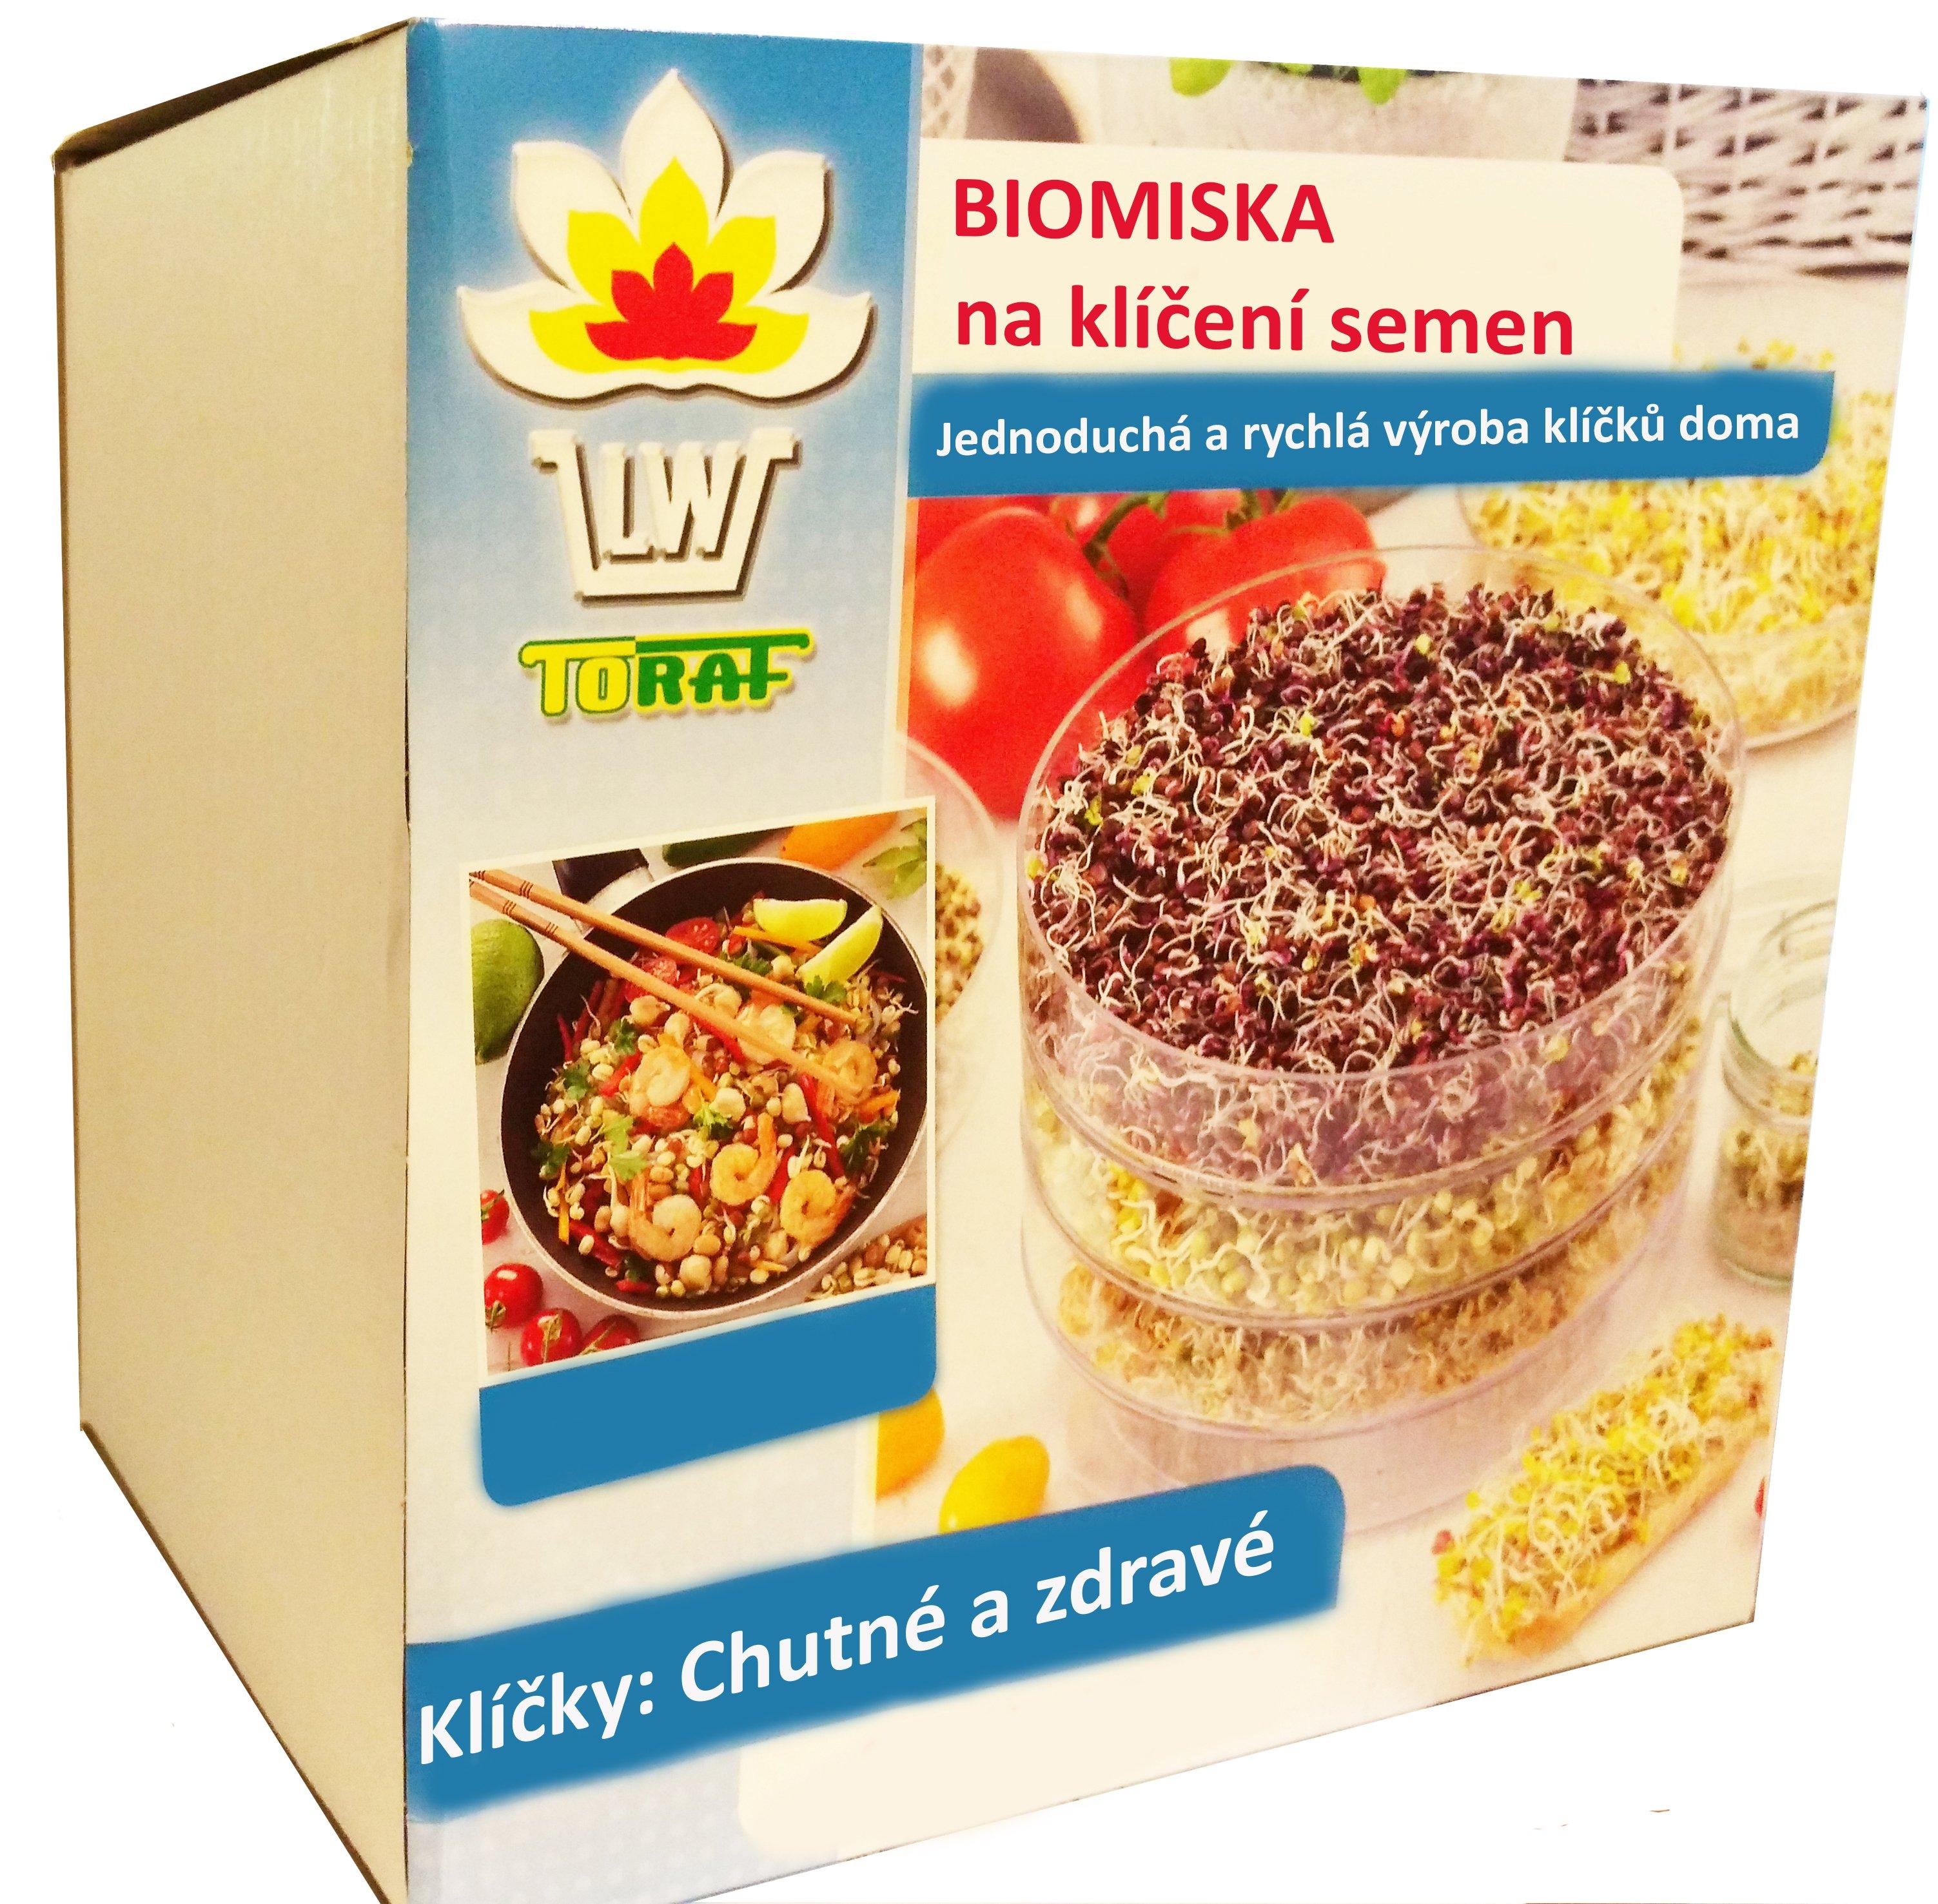 Bio miska na klíèení semen